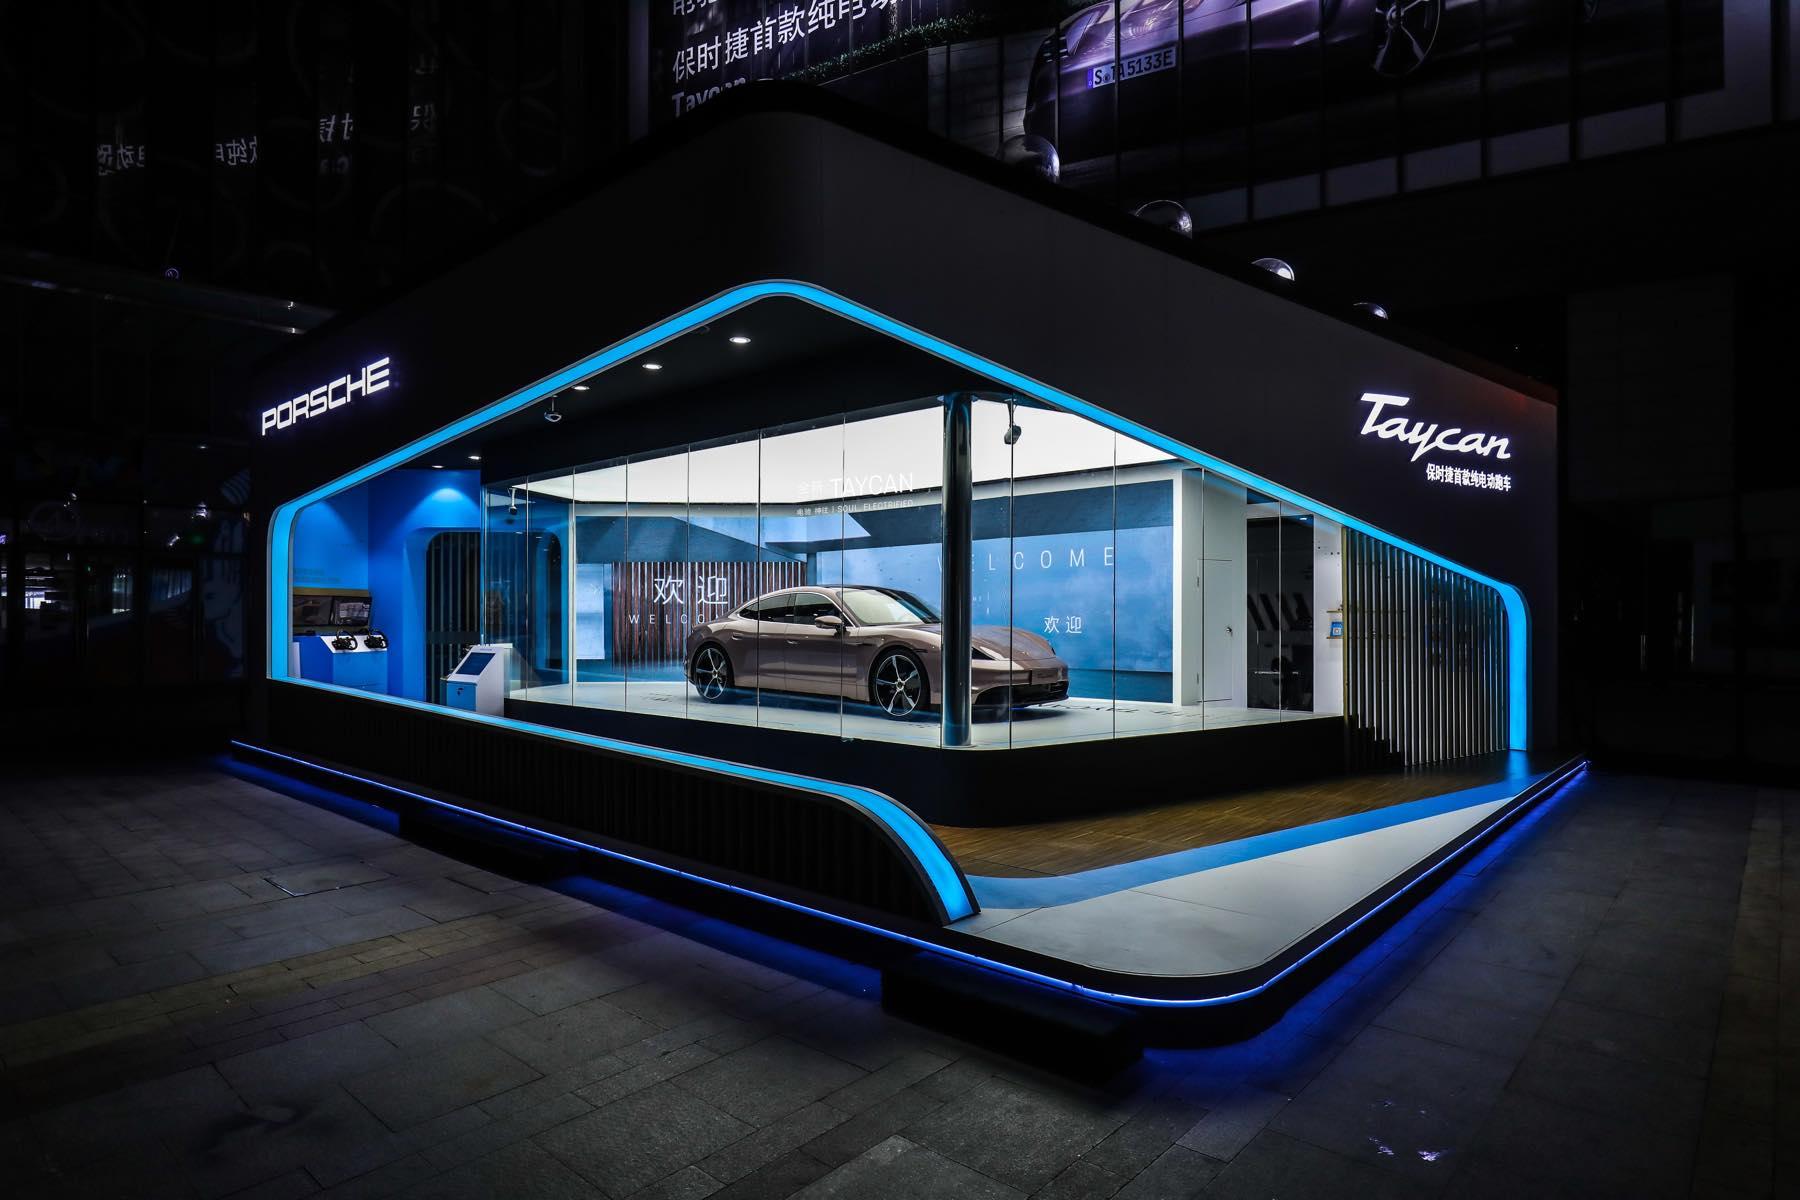 Porsche Taycan Space Roadshow with Vok Dams